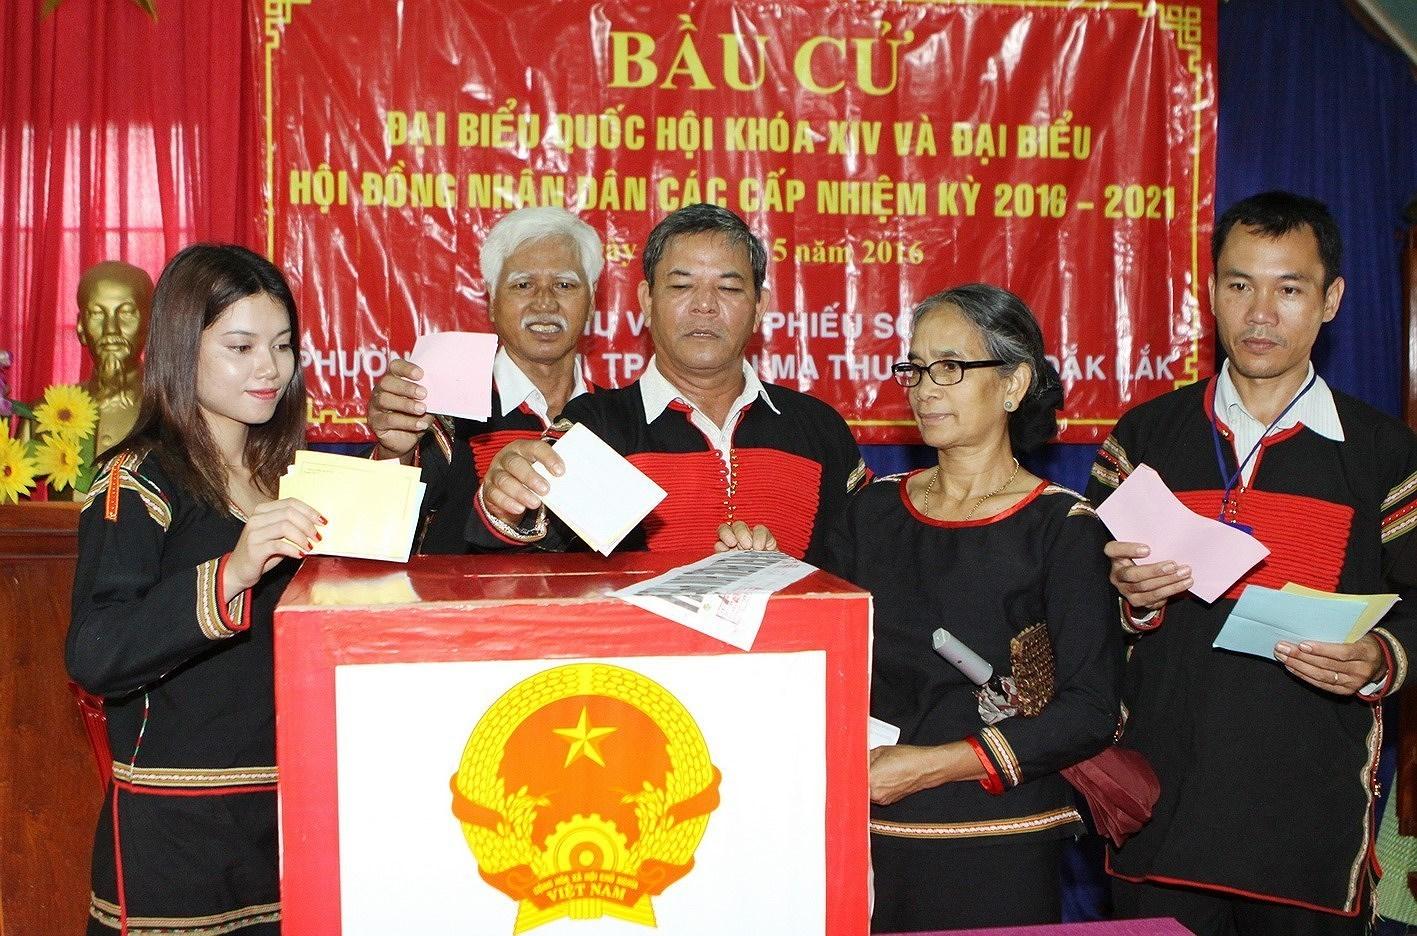 Выборы депутатов Национального Собрания и депутатов Народных Советов всех уровнеи - Всенародныи праздник hinh anh 1